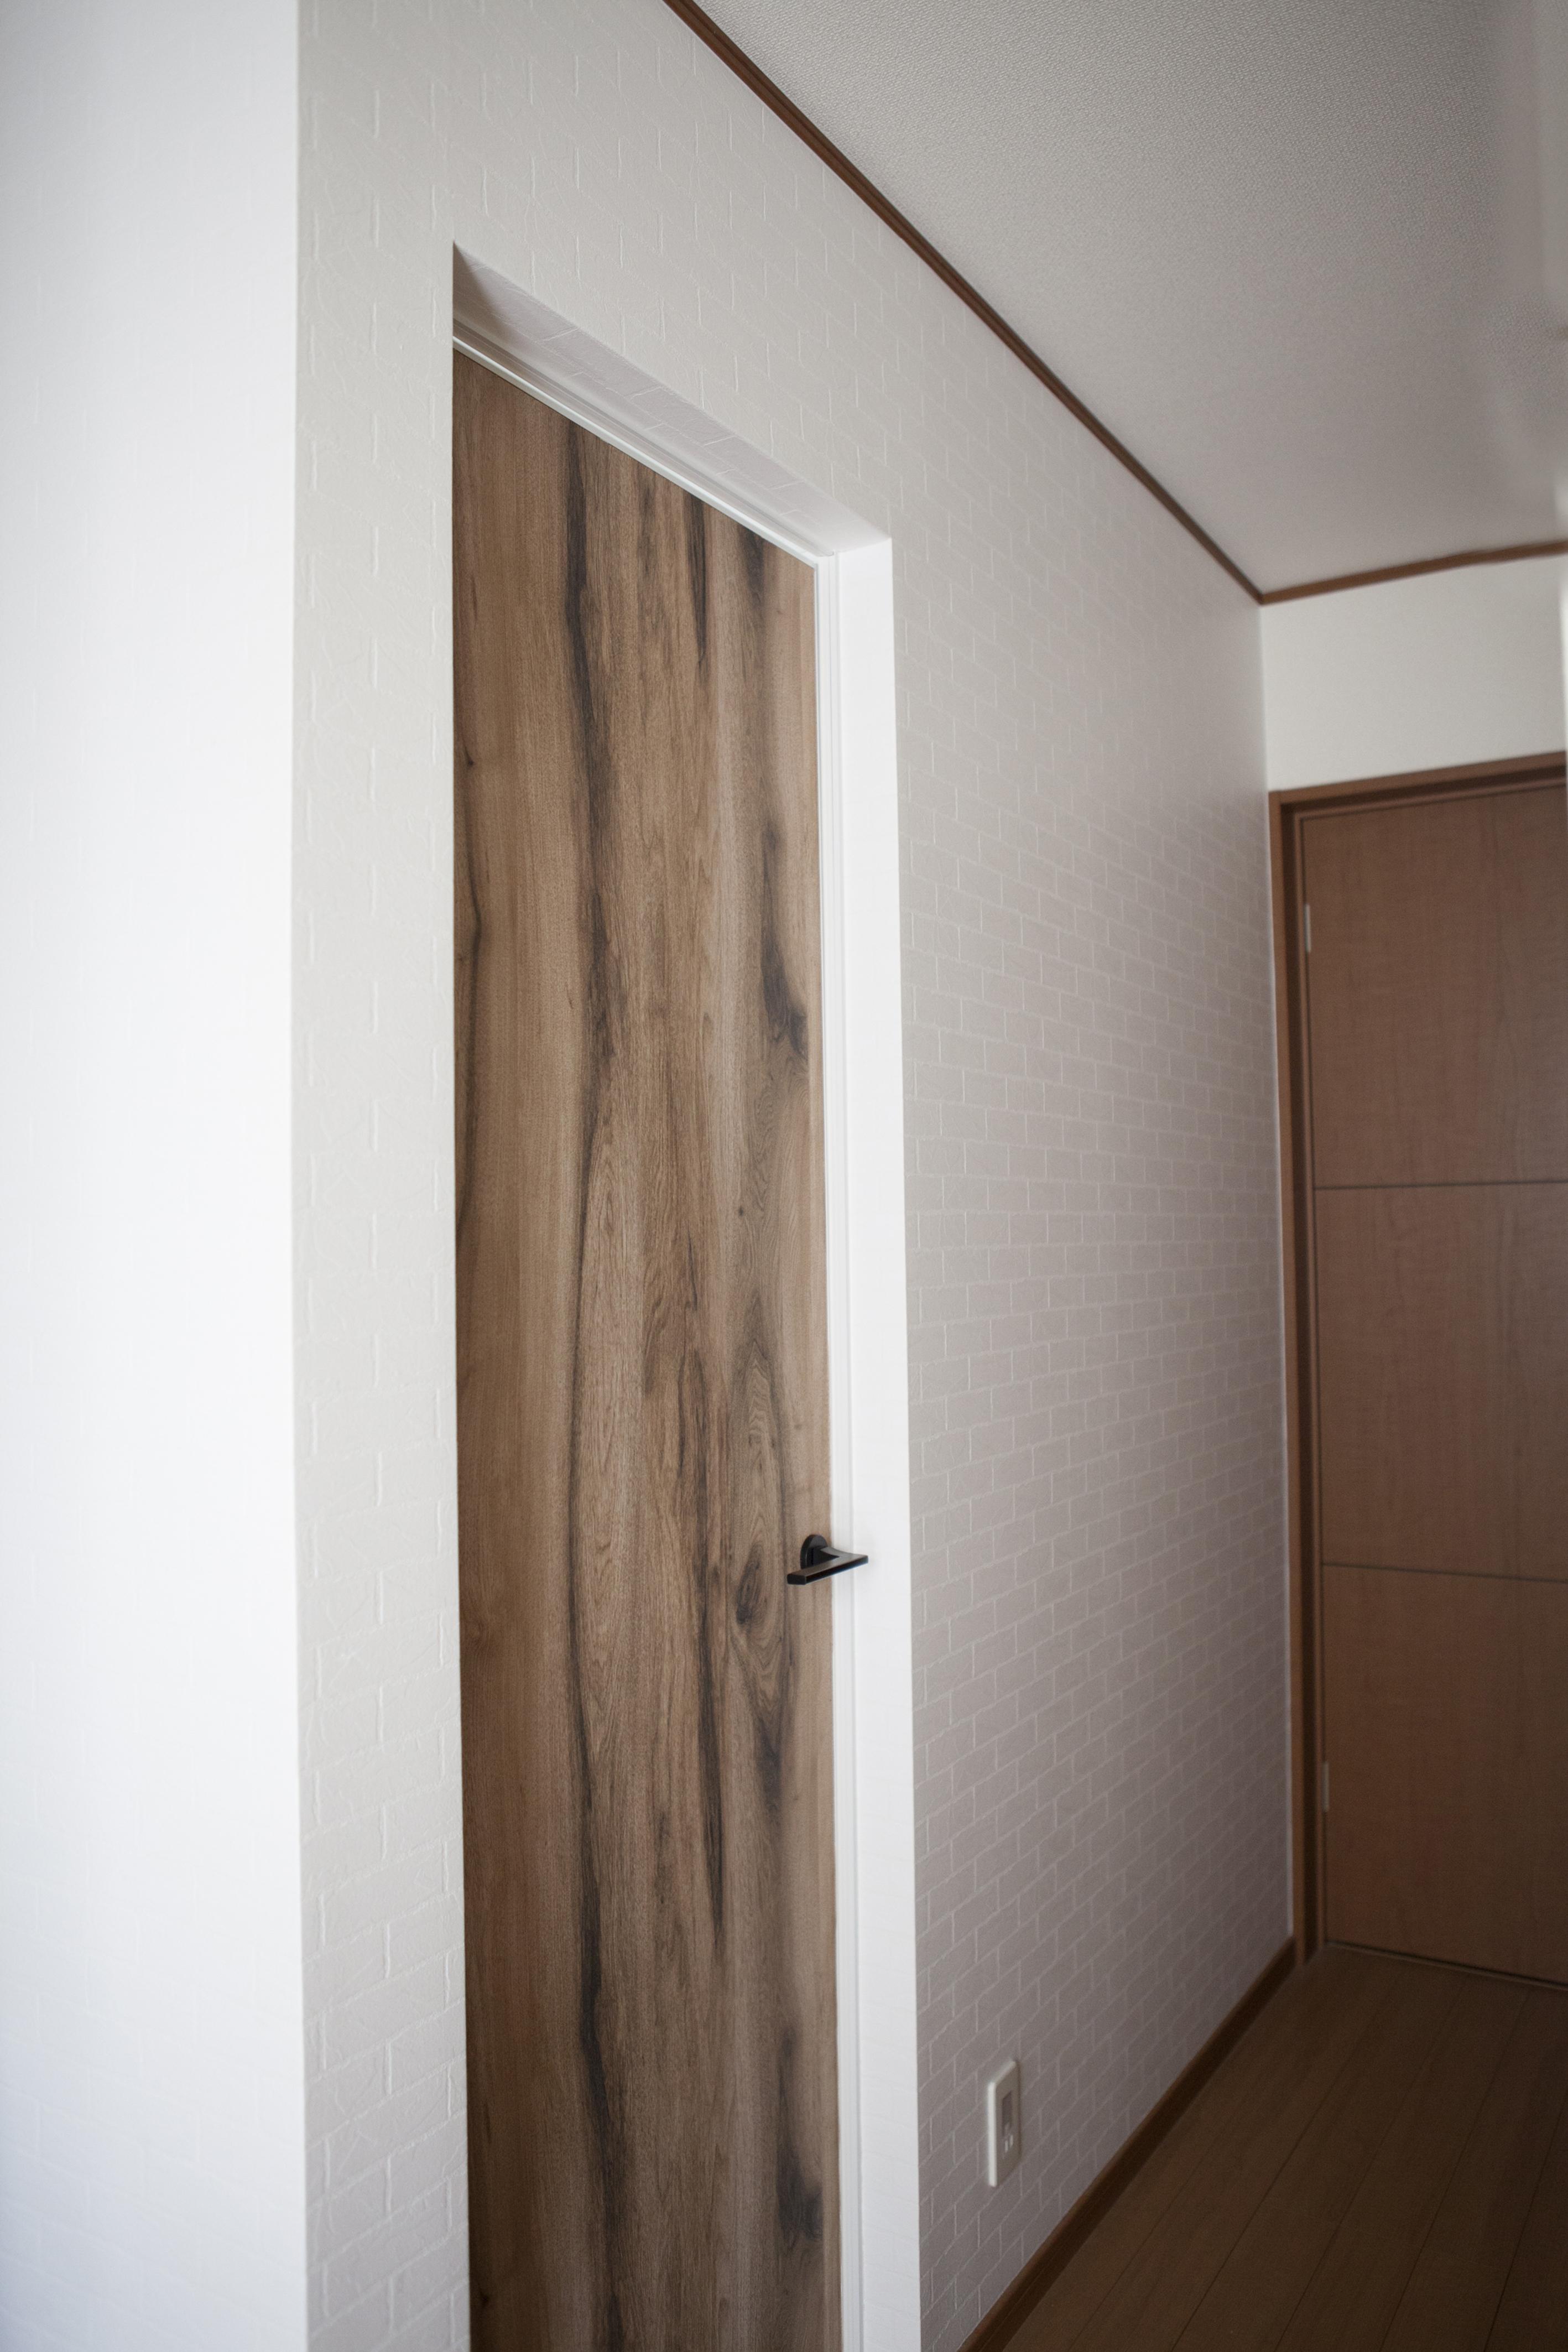 ドアに壁紙を貼ったらこんなに変わった 壁 床だけじゃない ドア も自分好みにカスタマイズ Roomclip Mag 暮らしとインテリアのwebマガジン